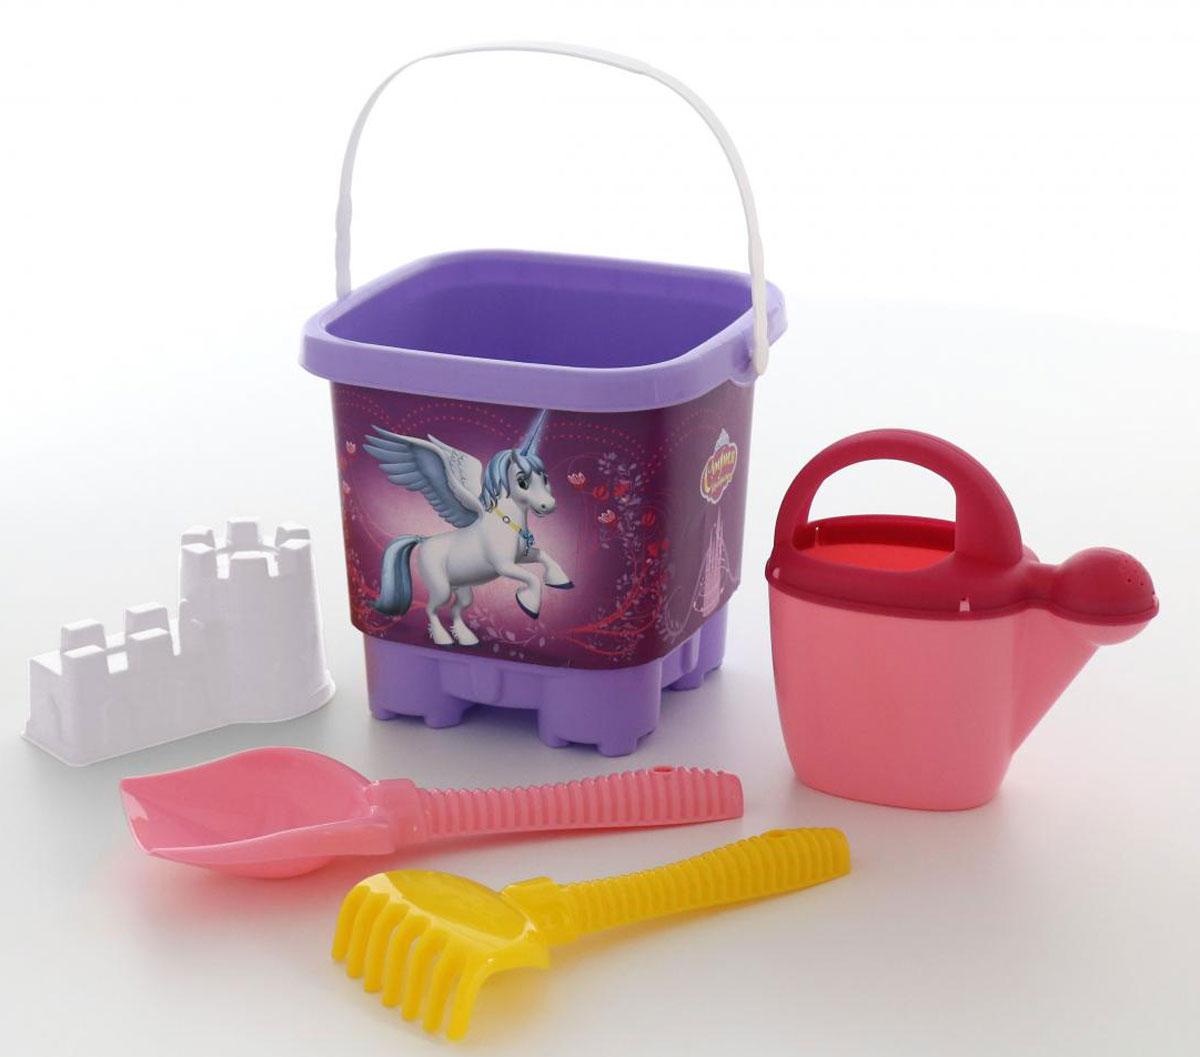 Disney Набор игрушек для песочницы София Прекрасная №4 полесье набор для песочницы 469